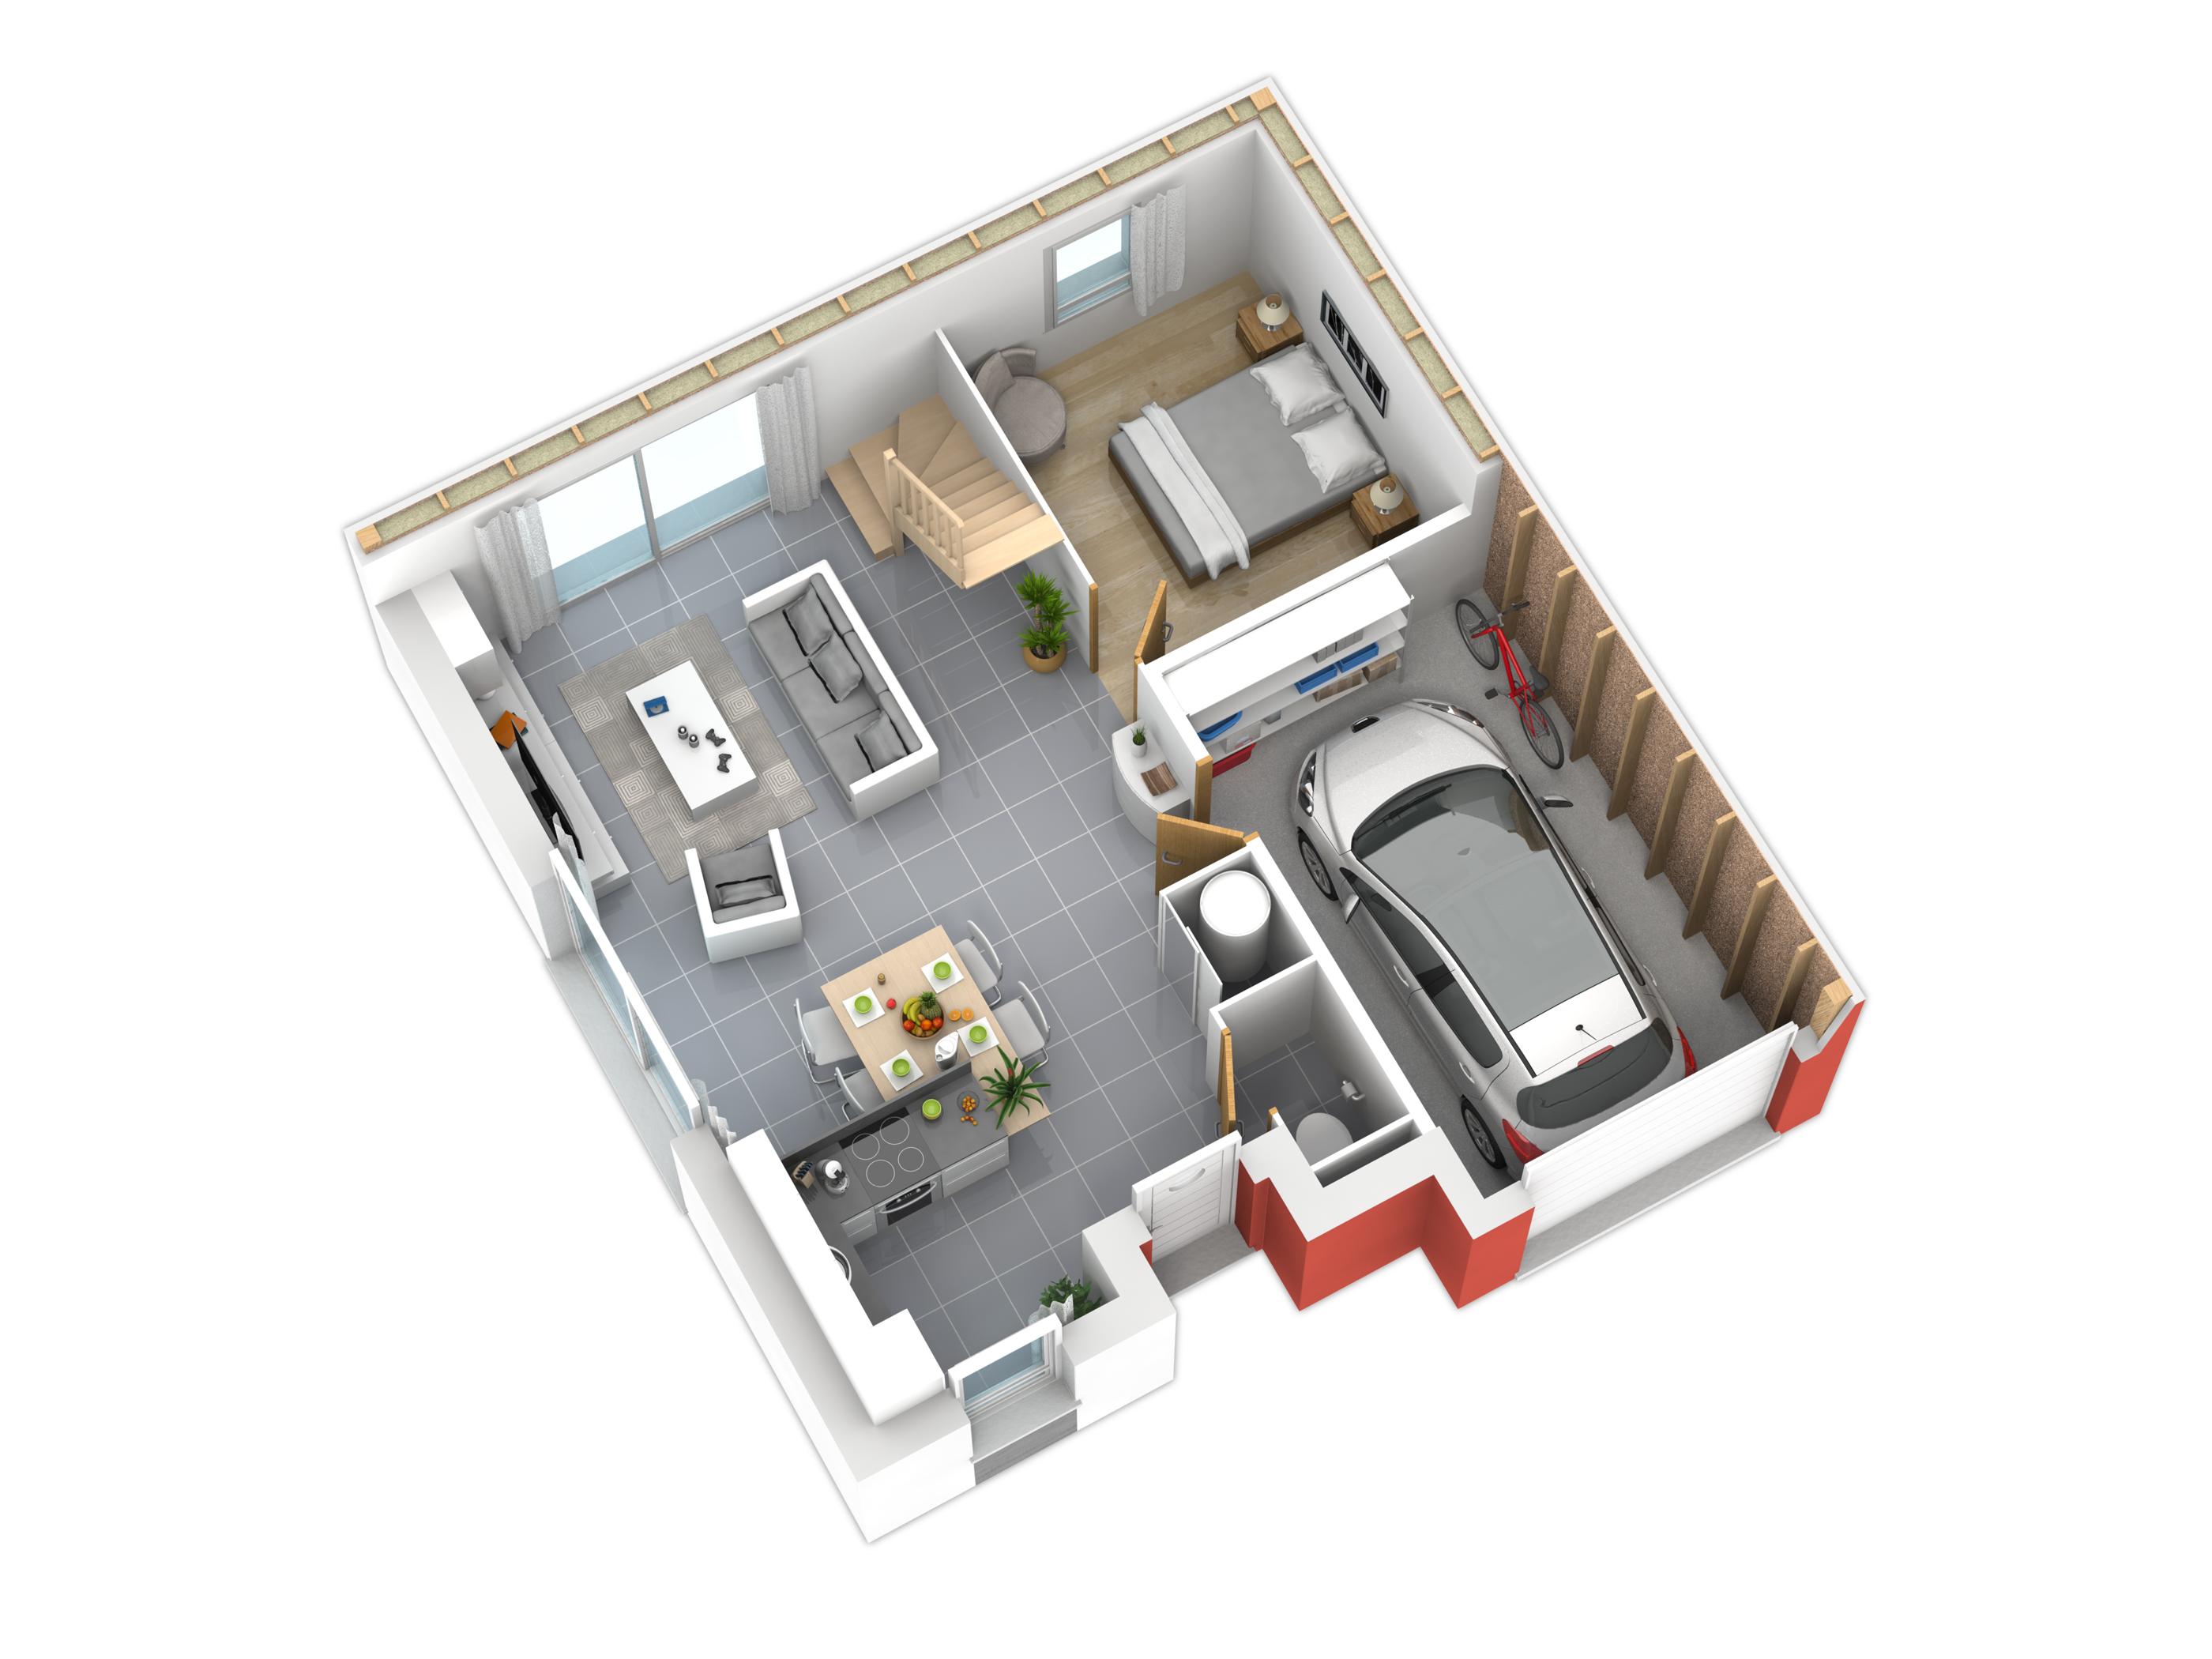 Plan maison bois mod le natiming 3 chambres plates rouge for Modele maison 5 chambres